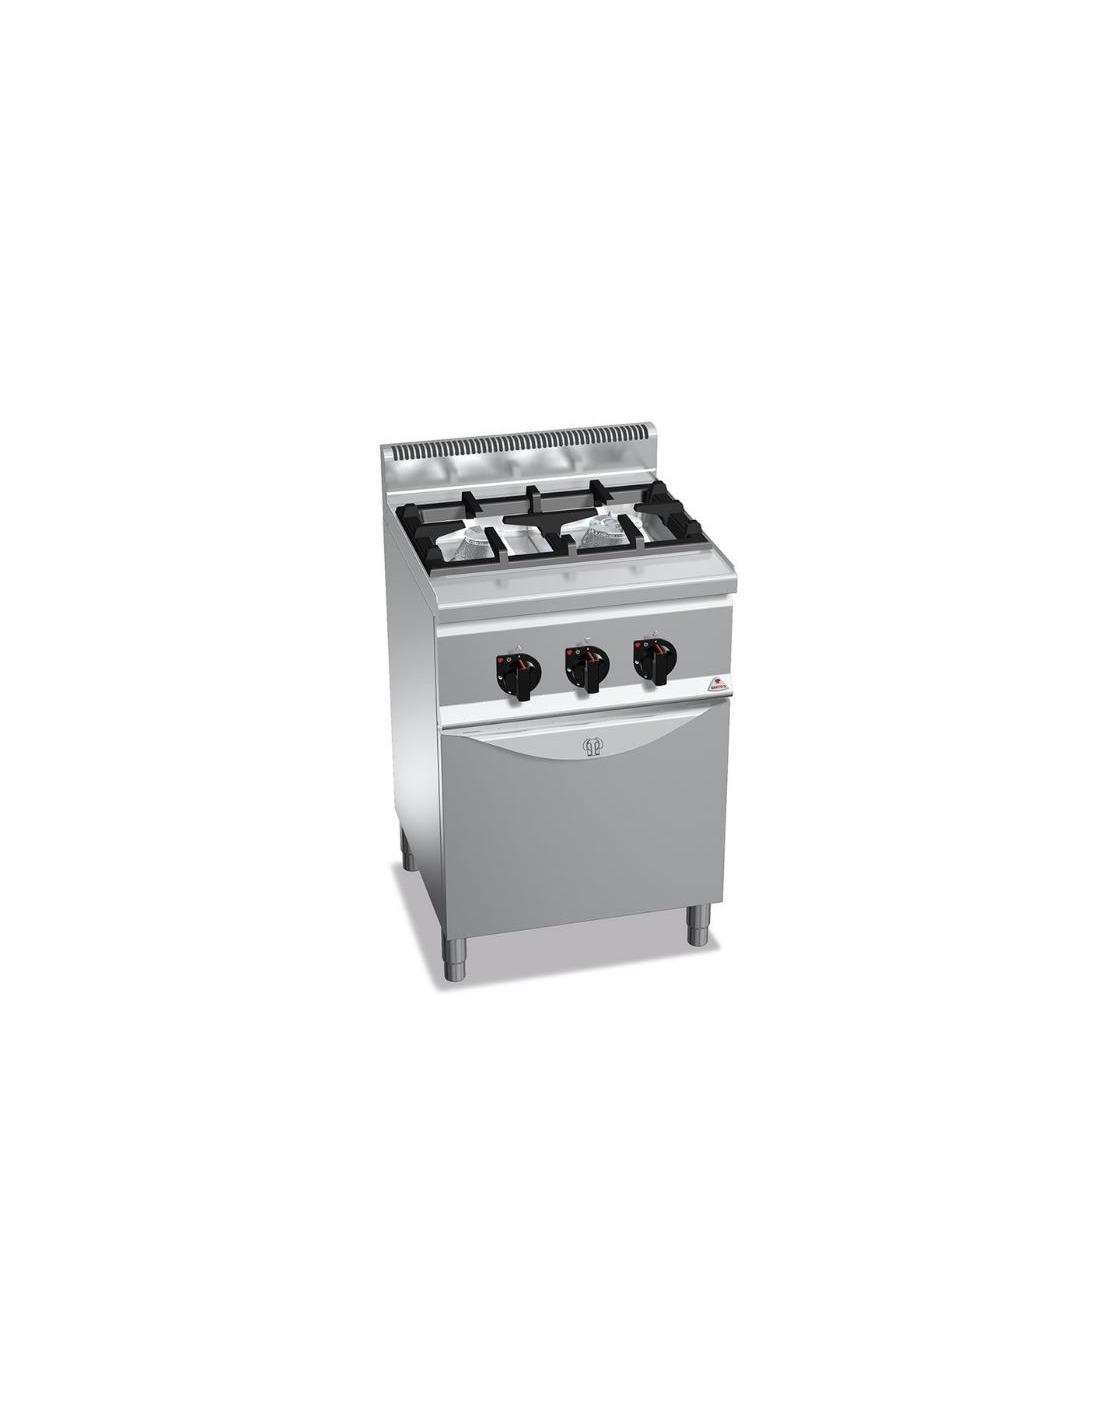 Cocinas de butano con horno for Cocinas con horno de gas butano baratas